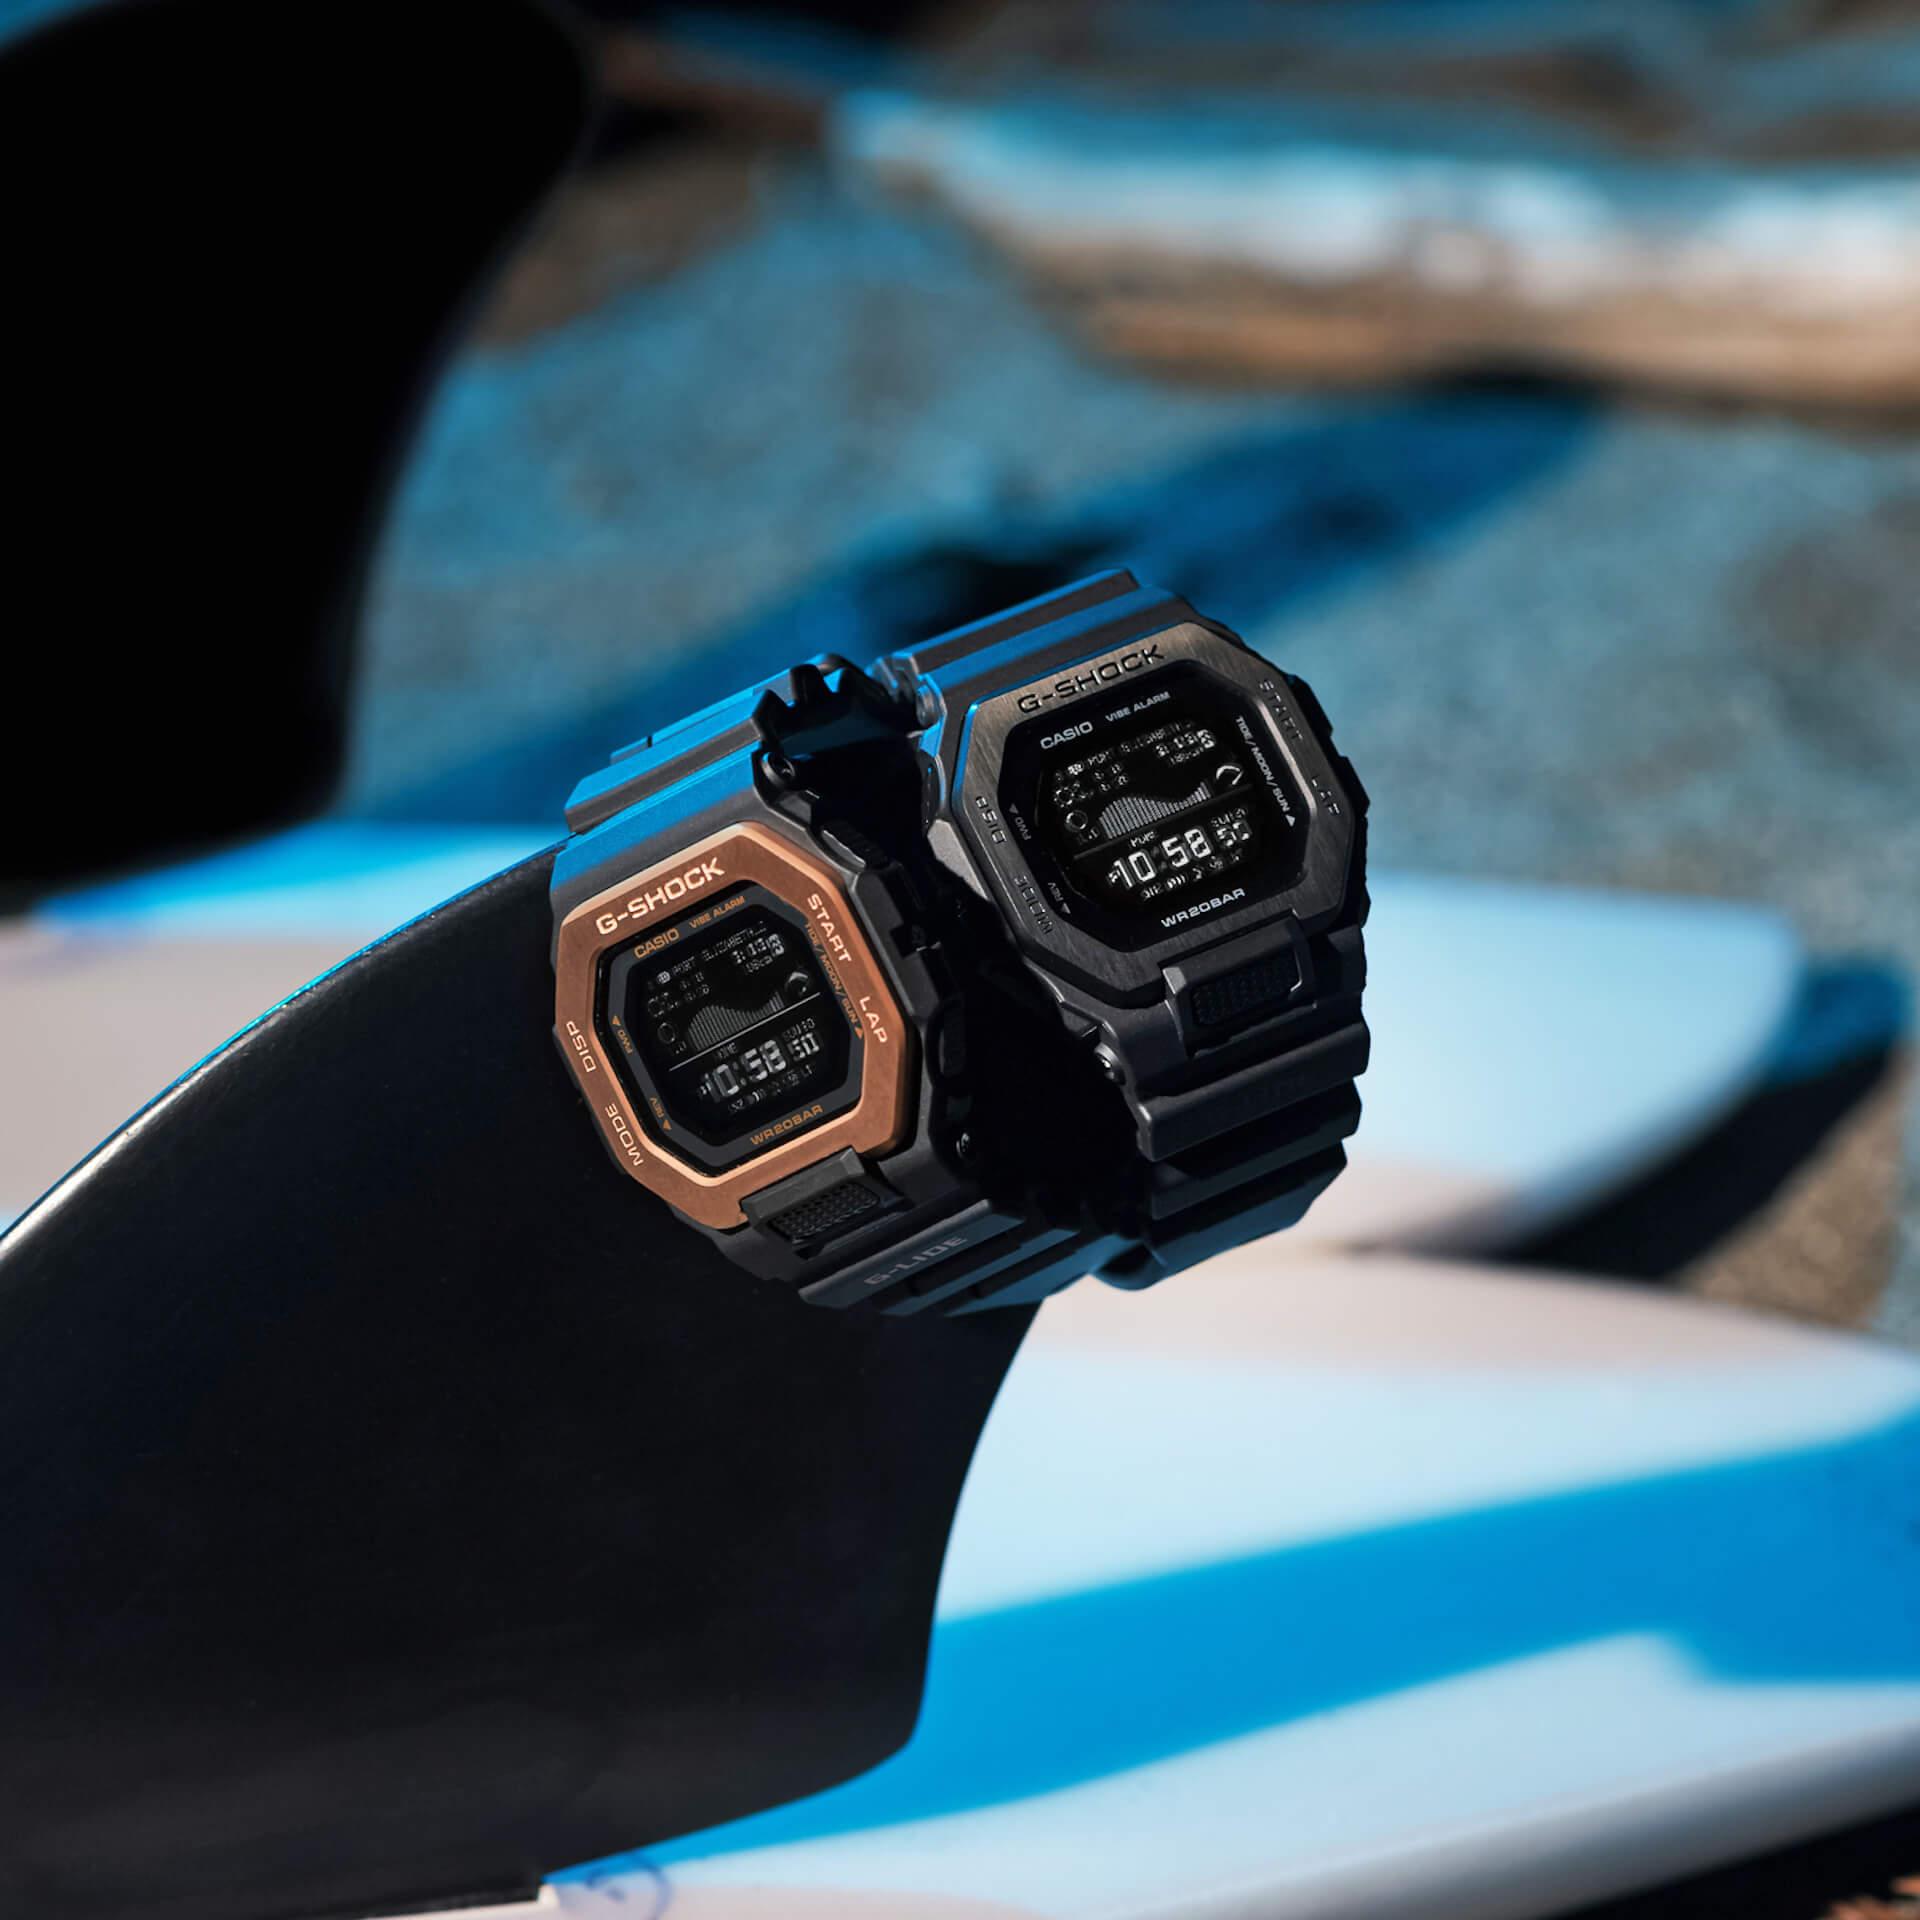 サーファーからの支持も得るG-SHOCK「G-LIDE」にナイトサーフィン向けの新色が登場!スマホと連携可能な人気モデル tech210415_gshock_glide_1